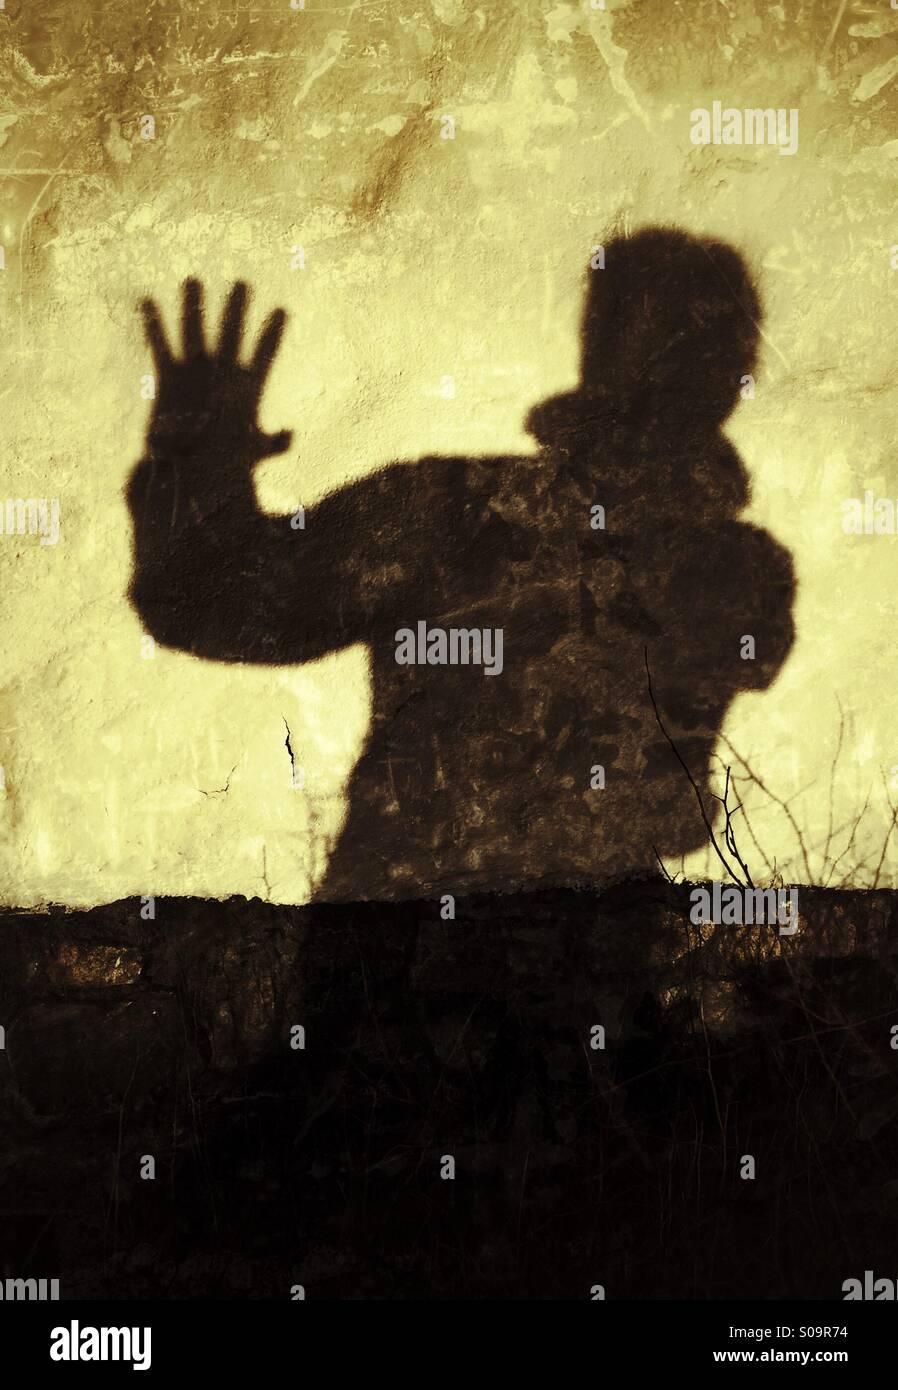 Stop! Non più! L'uomo getta un' ombra su un muro che esprimono, Stop!, non più! Immagini Stock